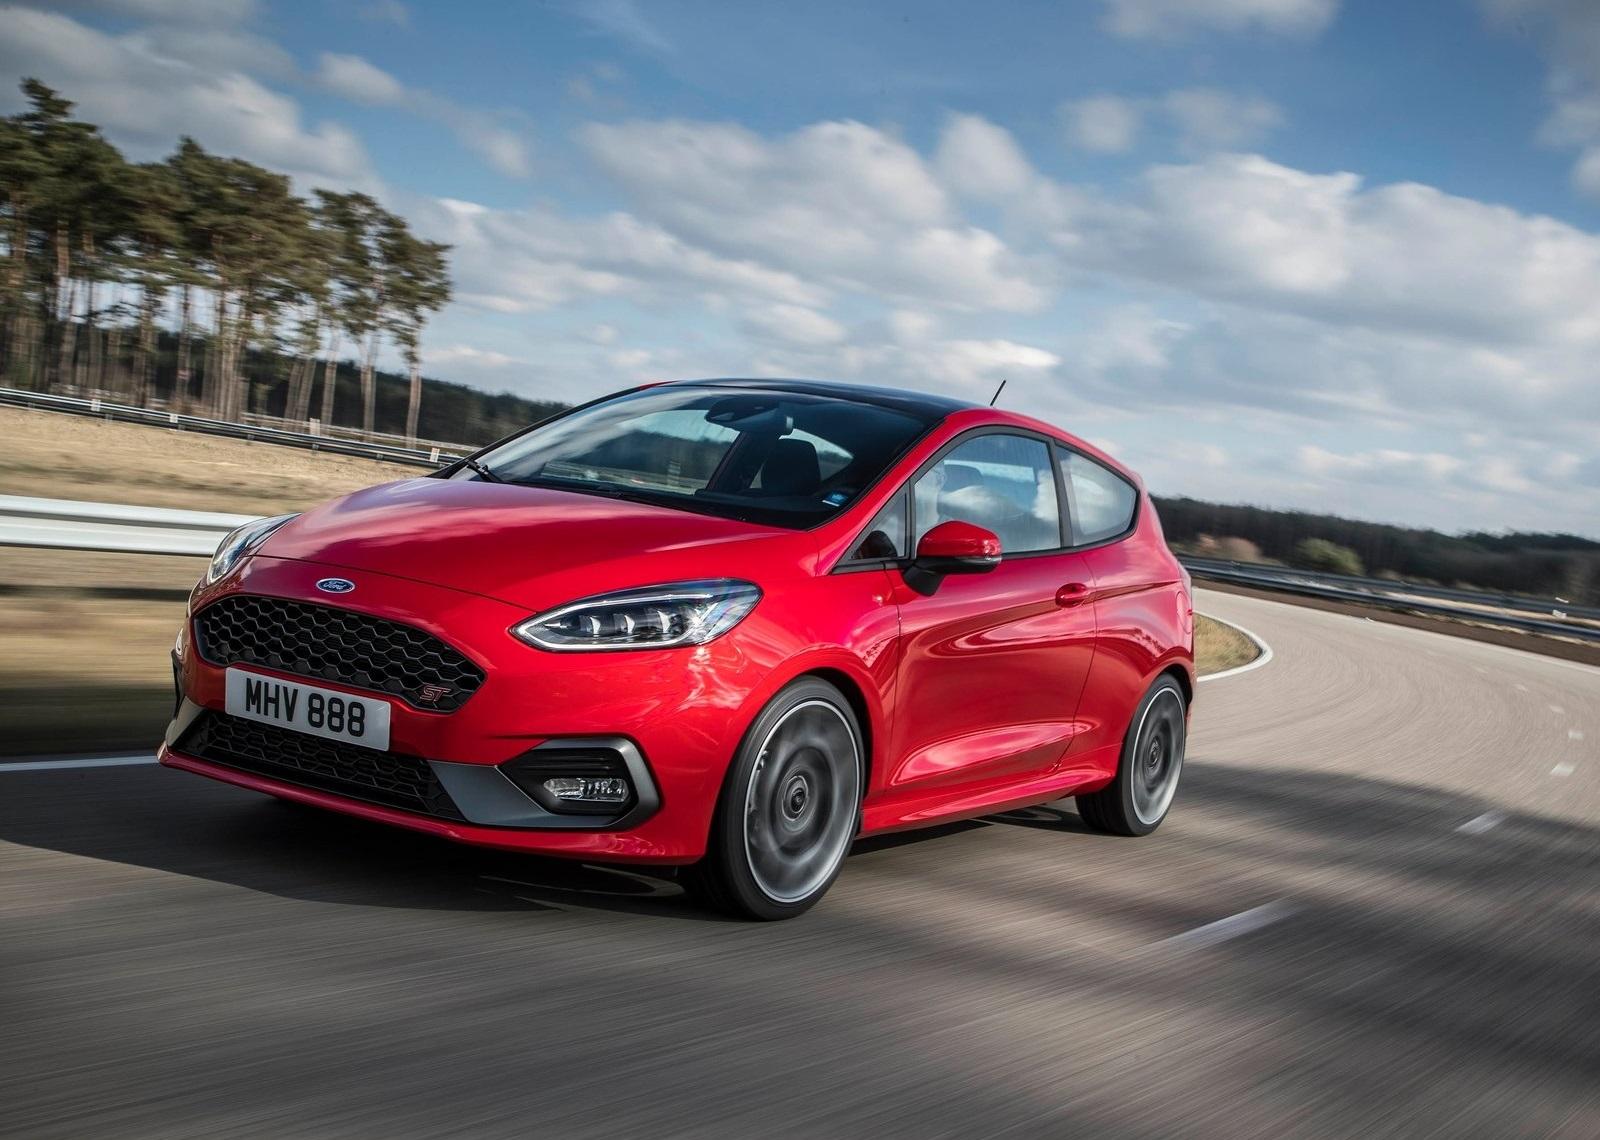 Precio Del Nuevo Ford Fiesta Híbrido (3)